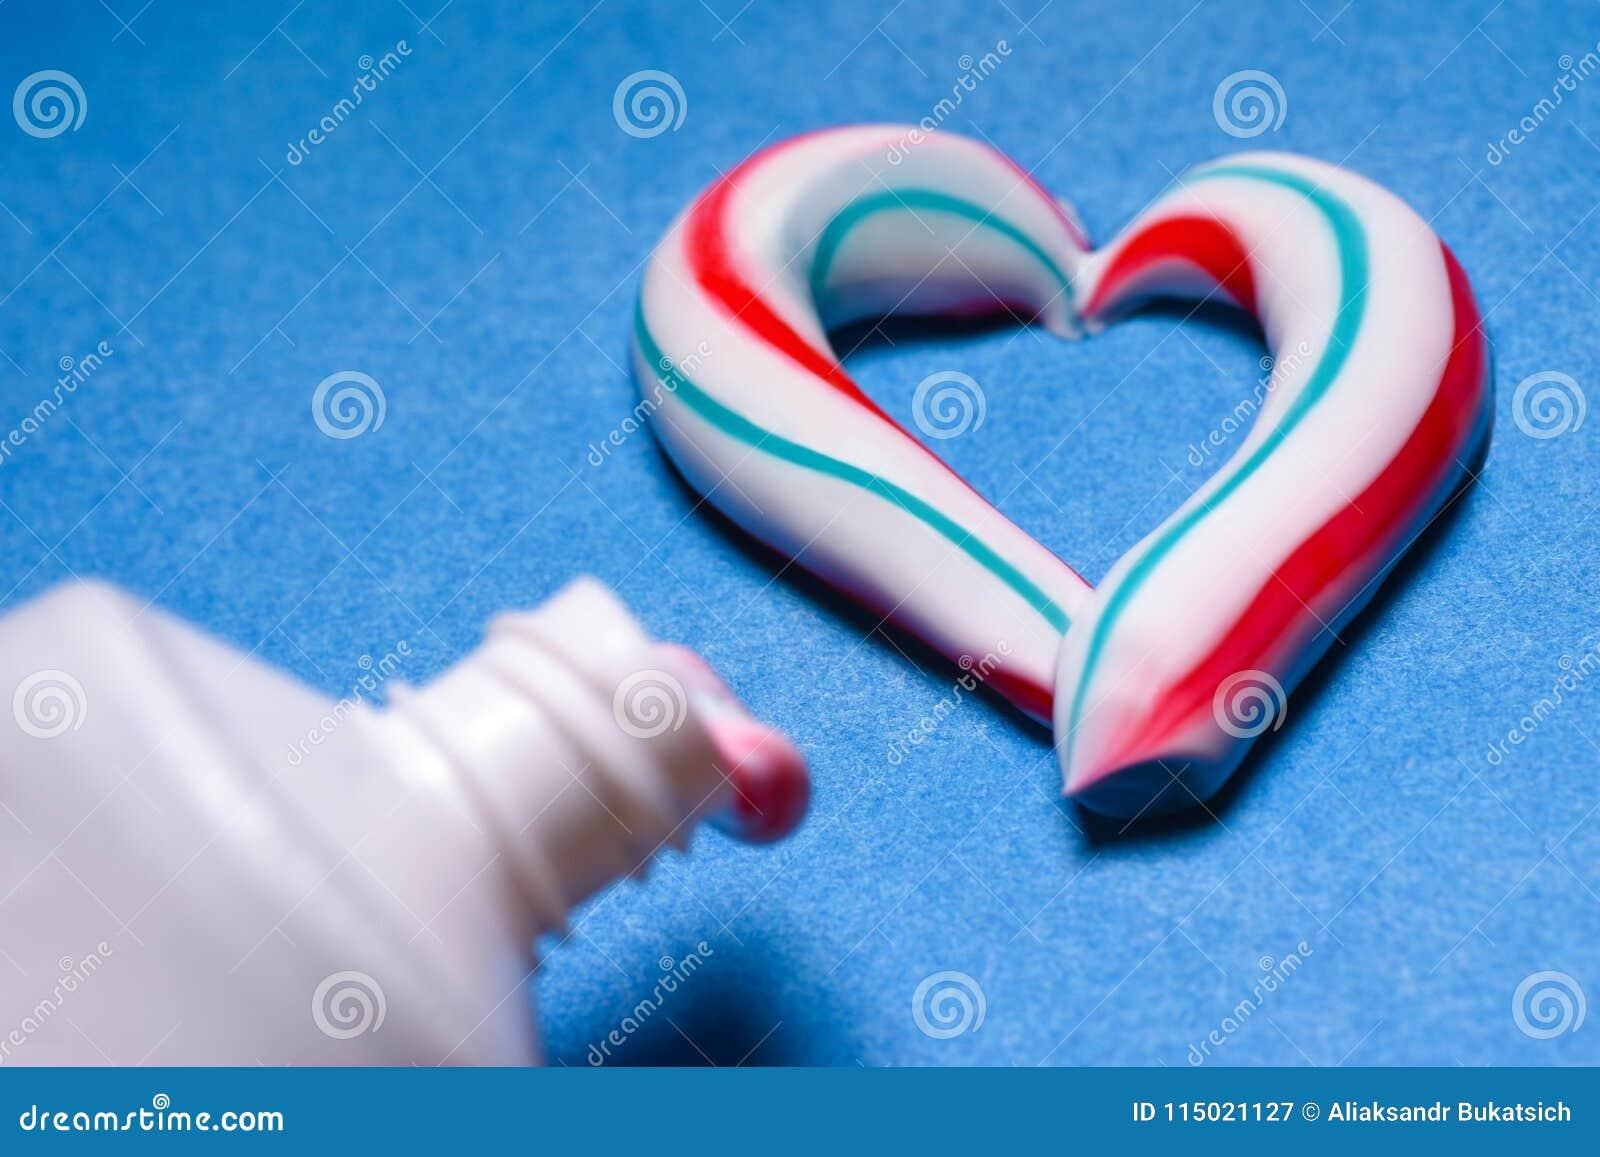 Sunda tänder Hygien av det muntliga hålet Kulör tandkräm från ett rör Pasta i form av en hjärta